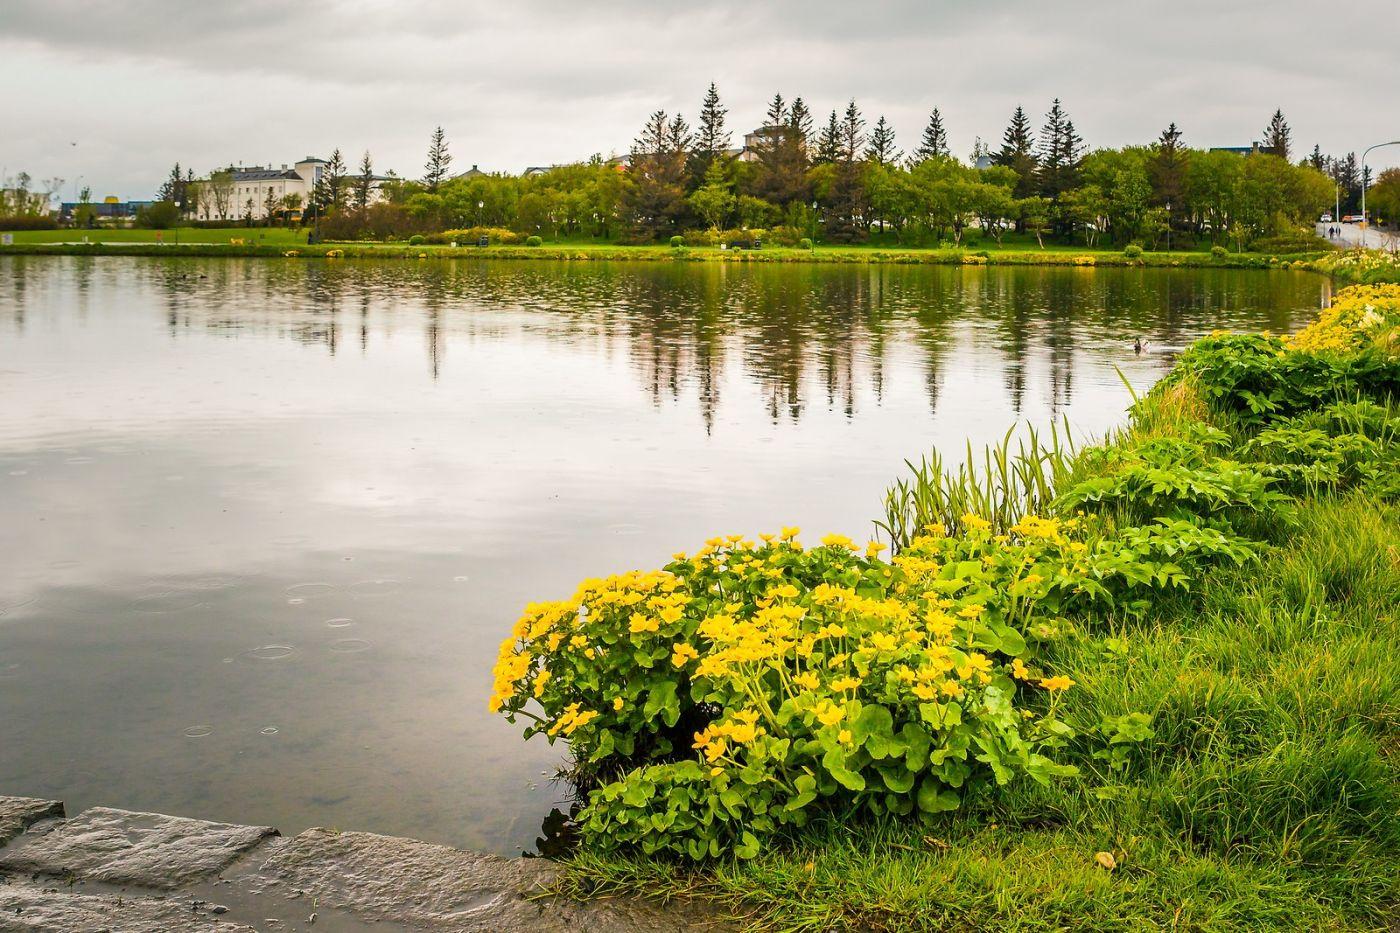 冰岛雷克雅未克(Reykjavík),游城中湖_图1-7